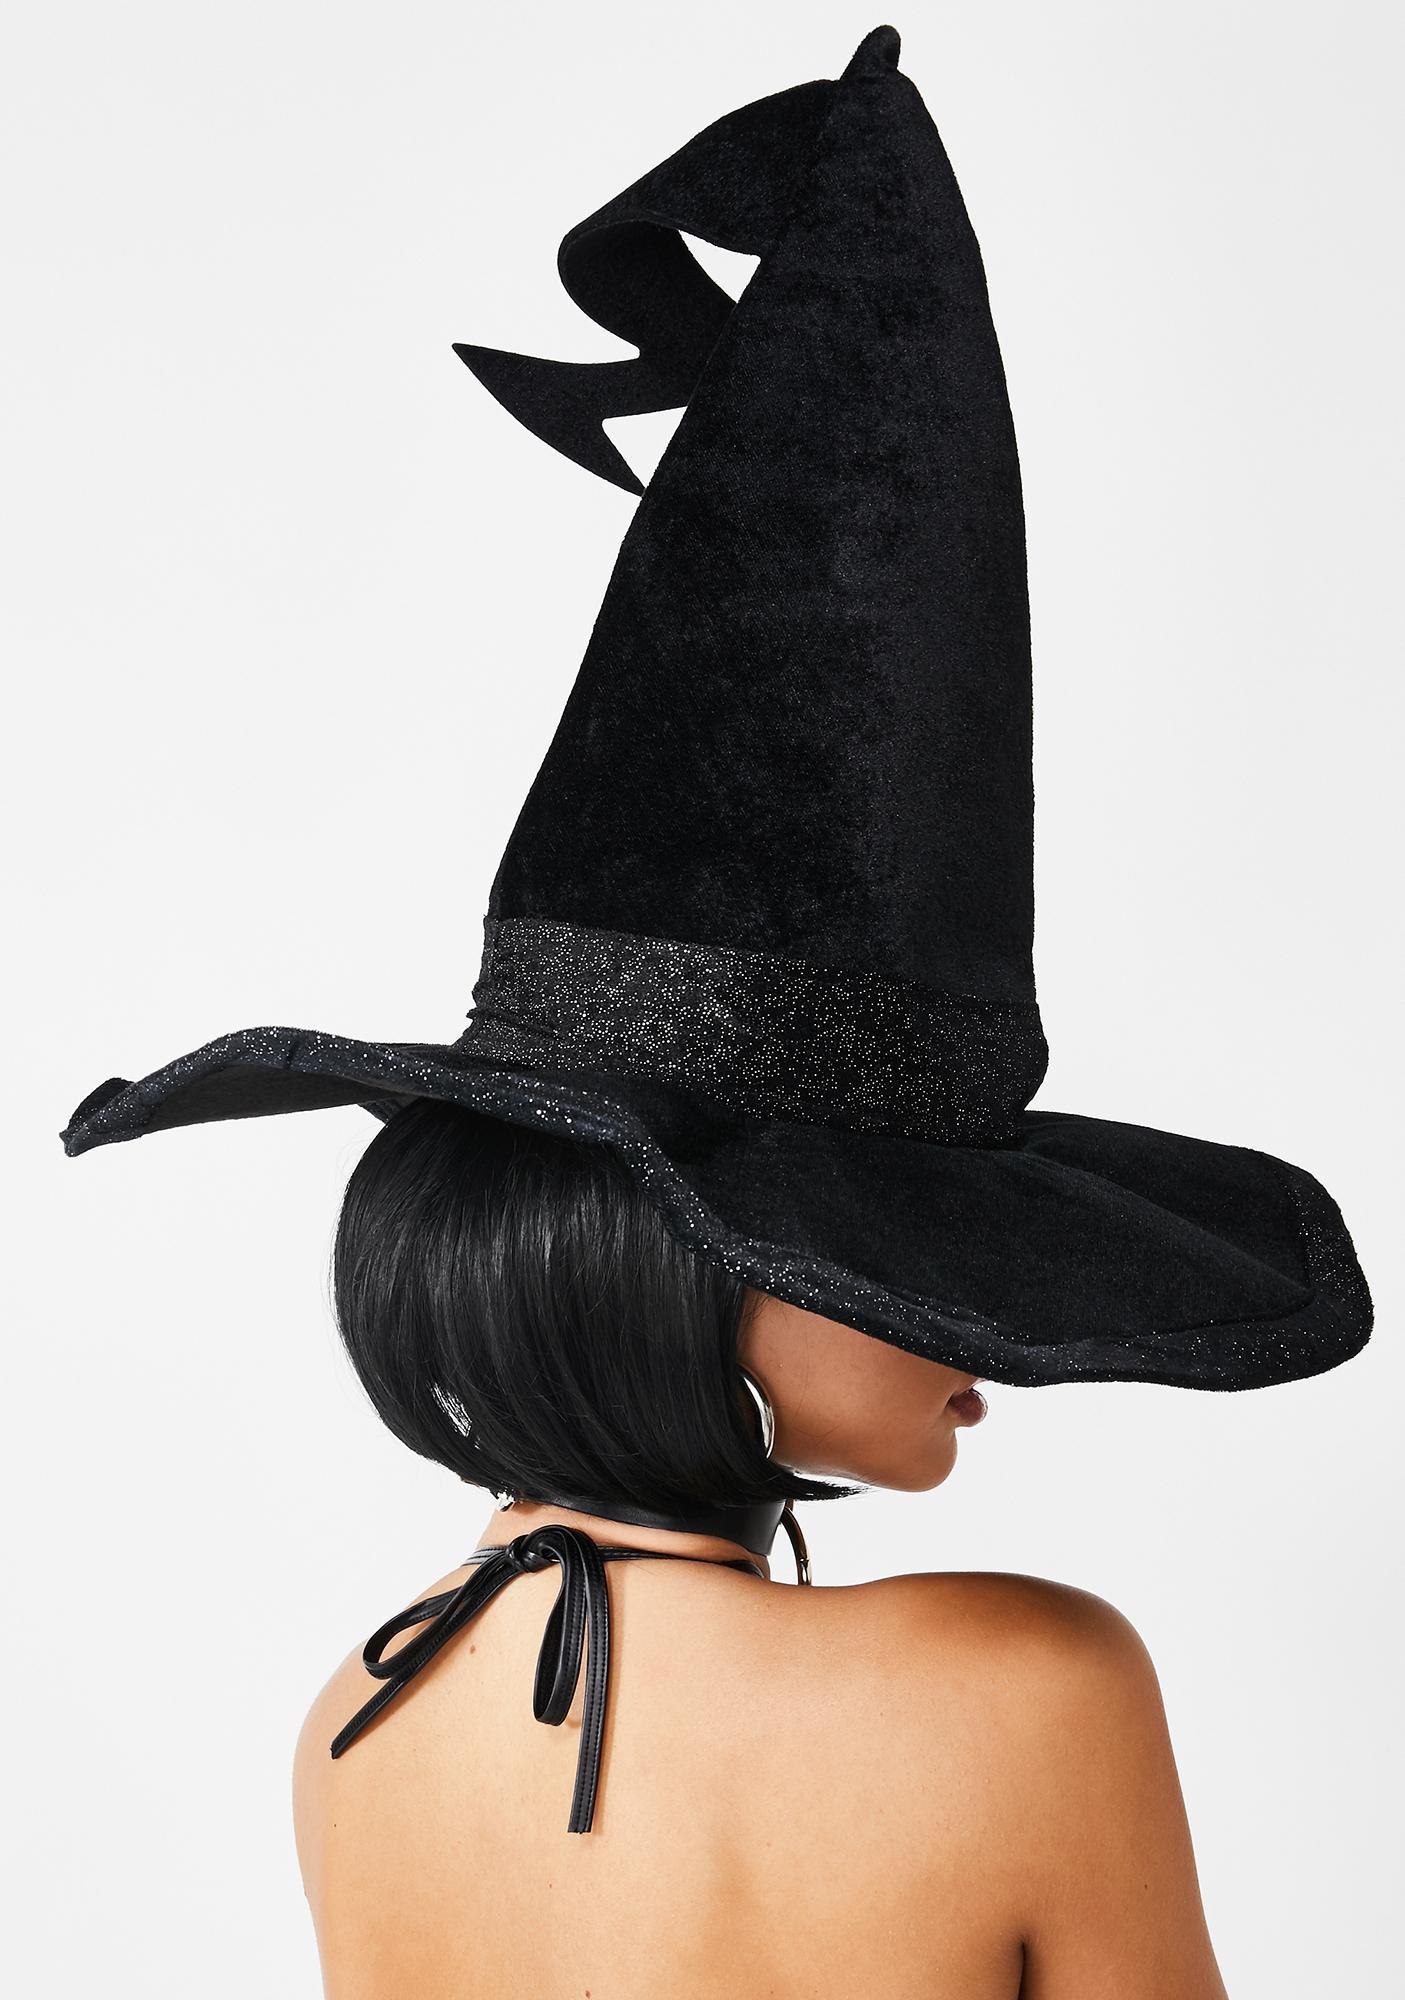 Hallow-Queen Velvet Witch Hat